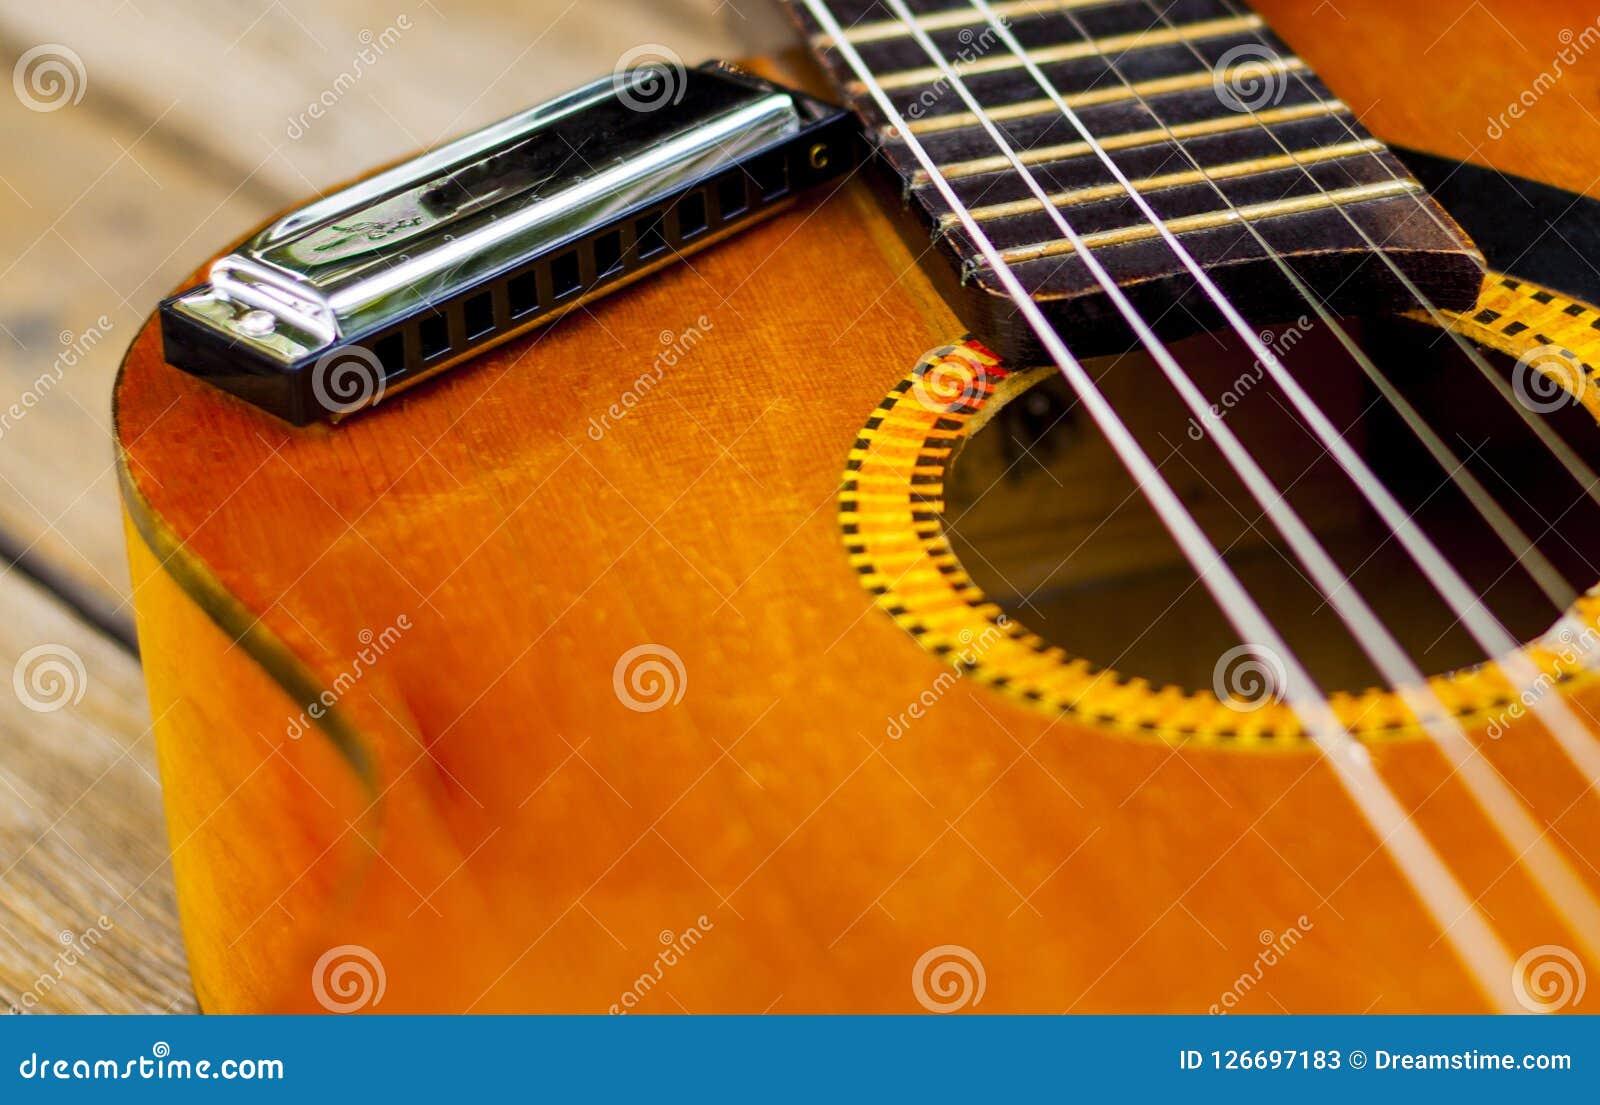 Una armónica en una guitarra clásica